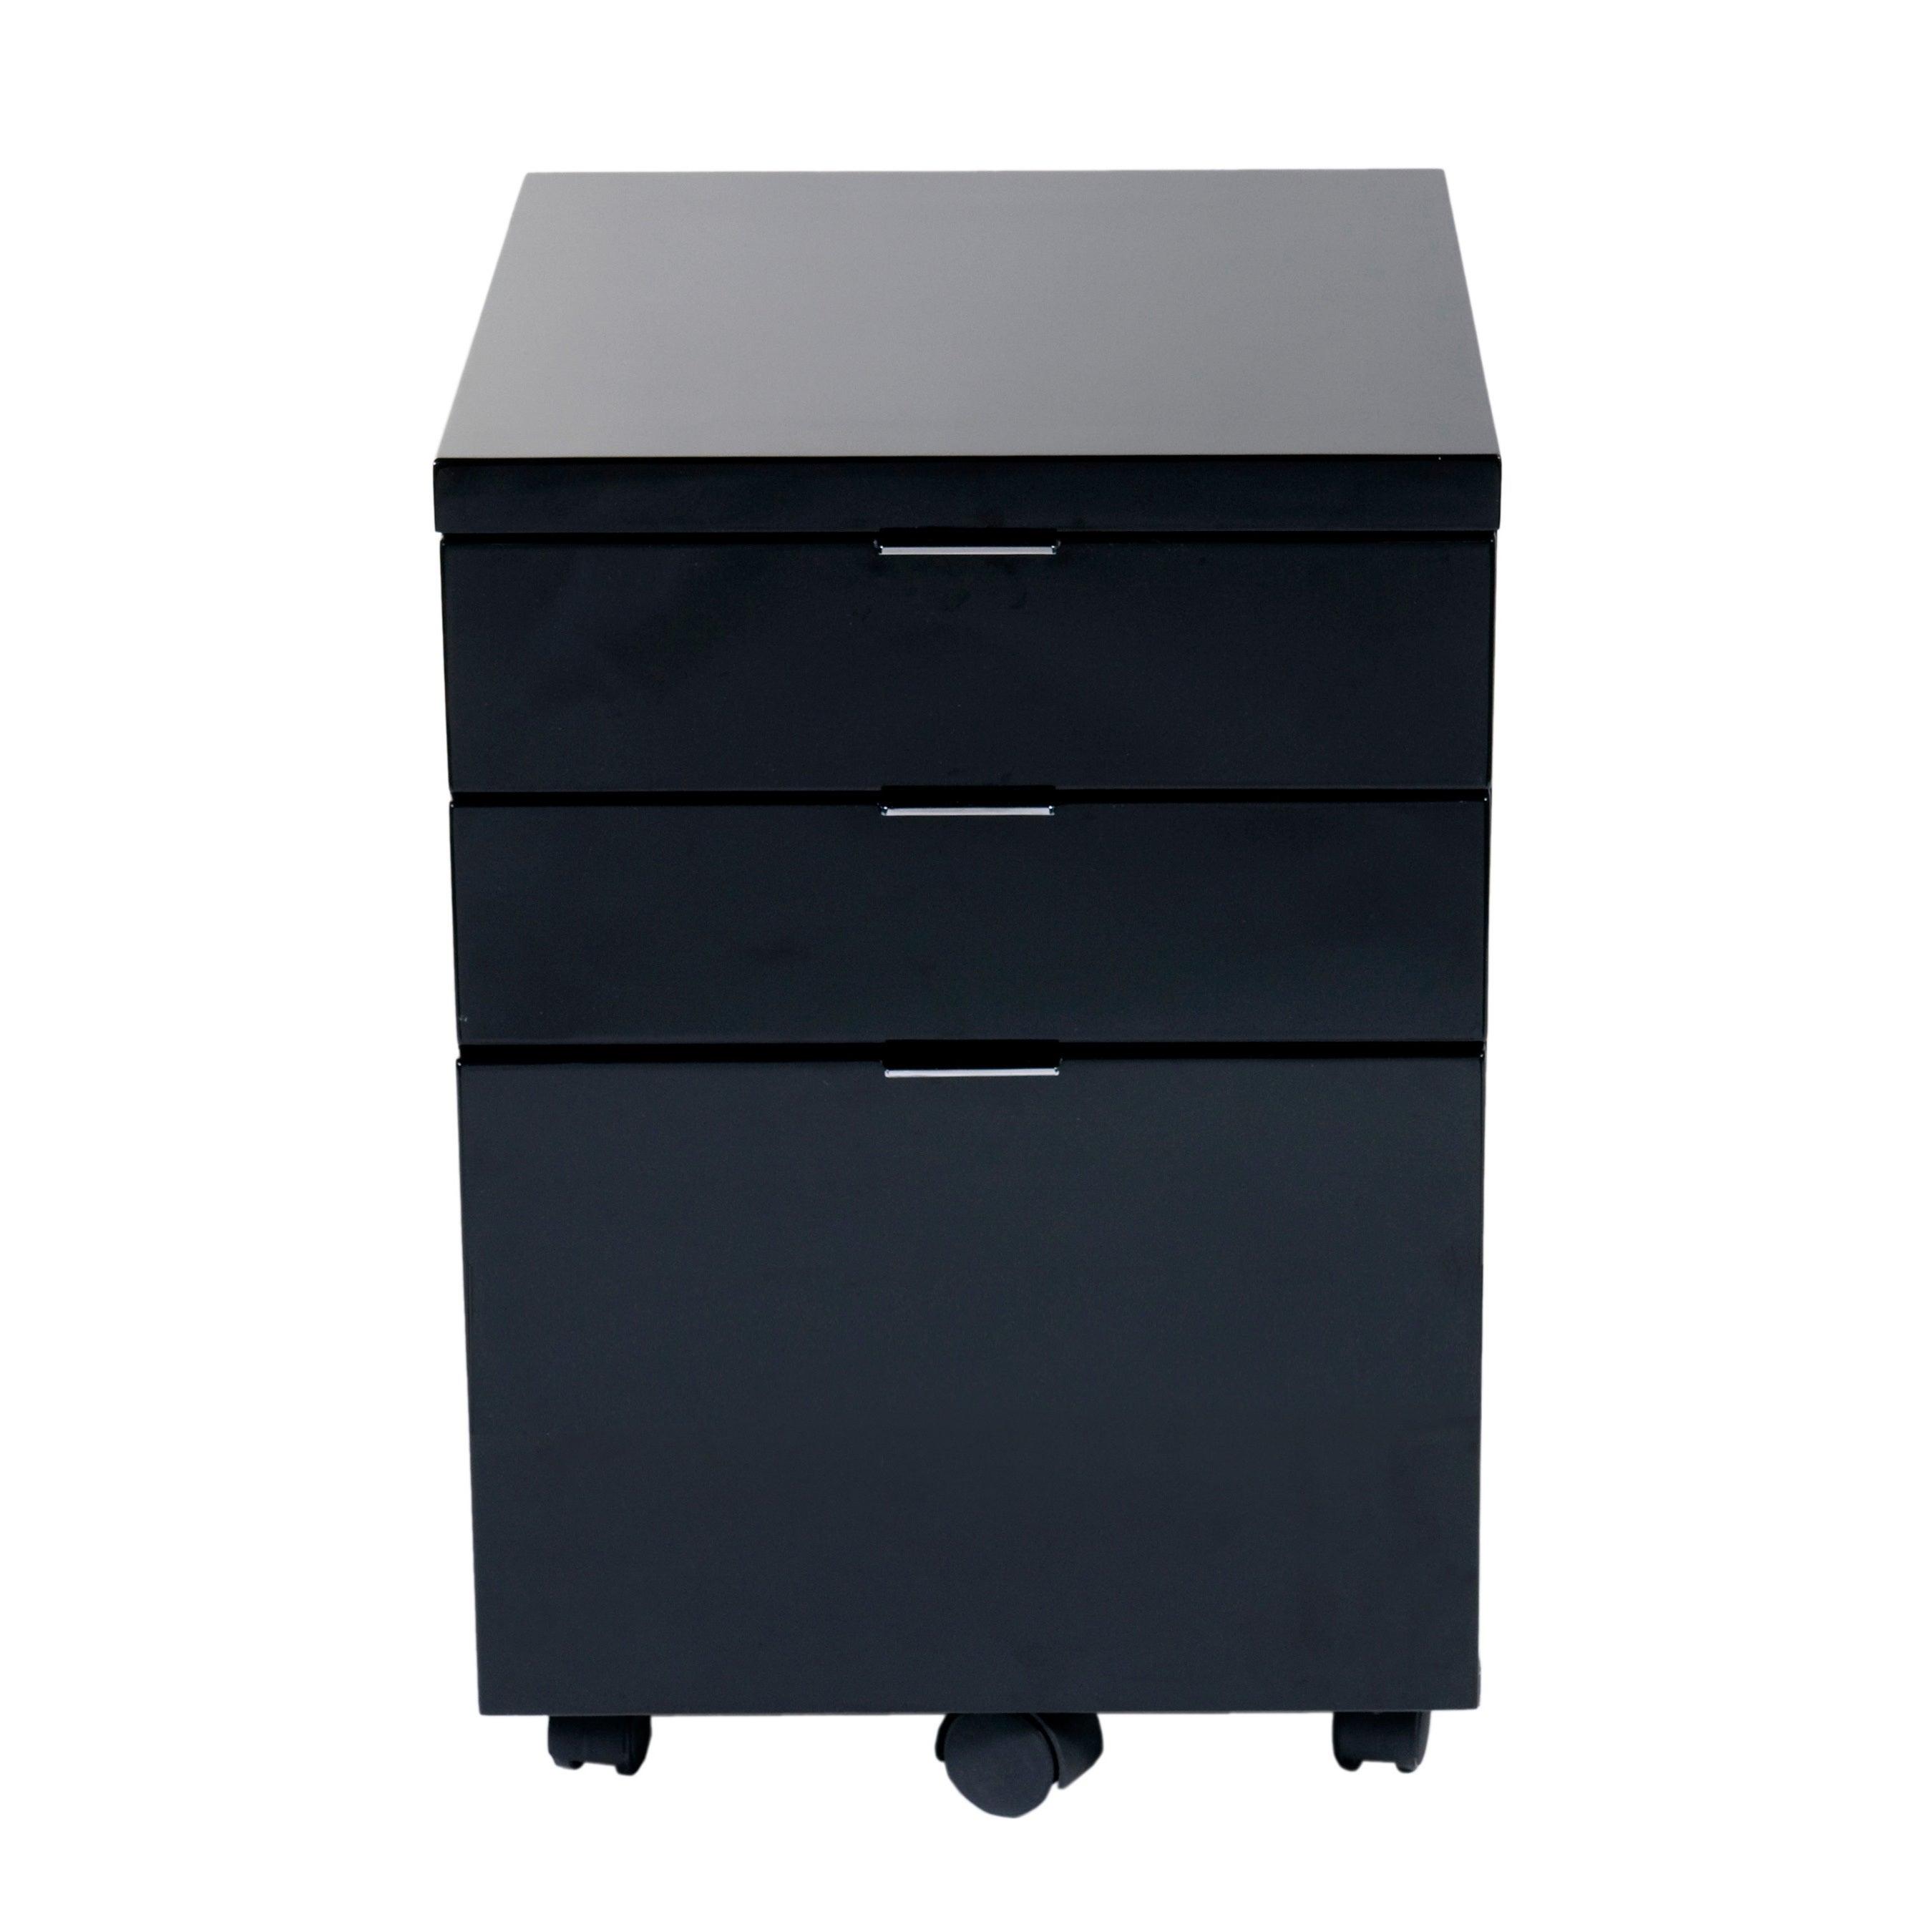 Euro Style Gilbert File Cabinet - Black Lacquer (Black La...